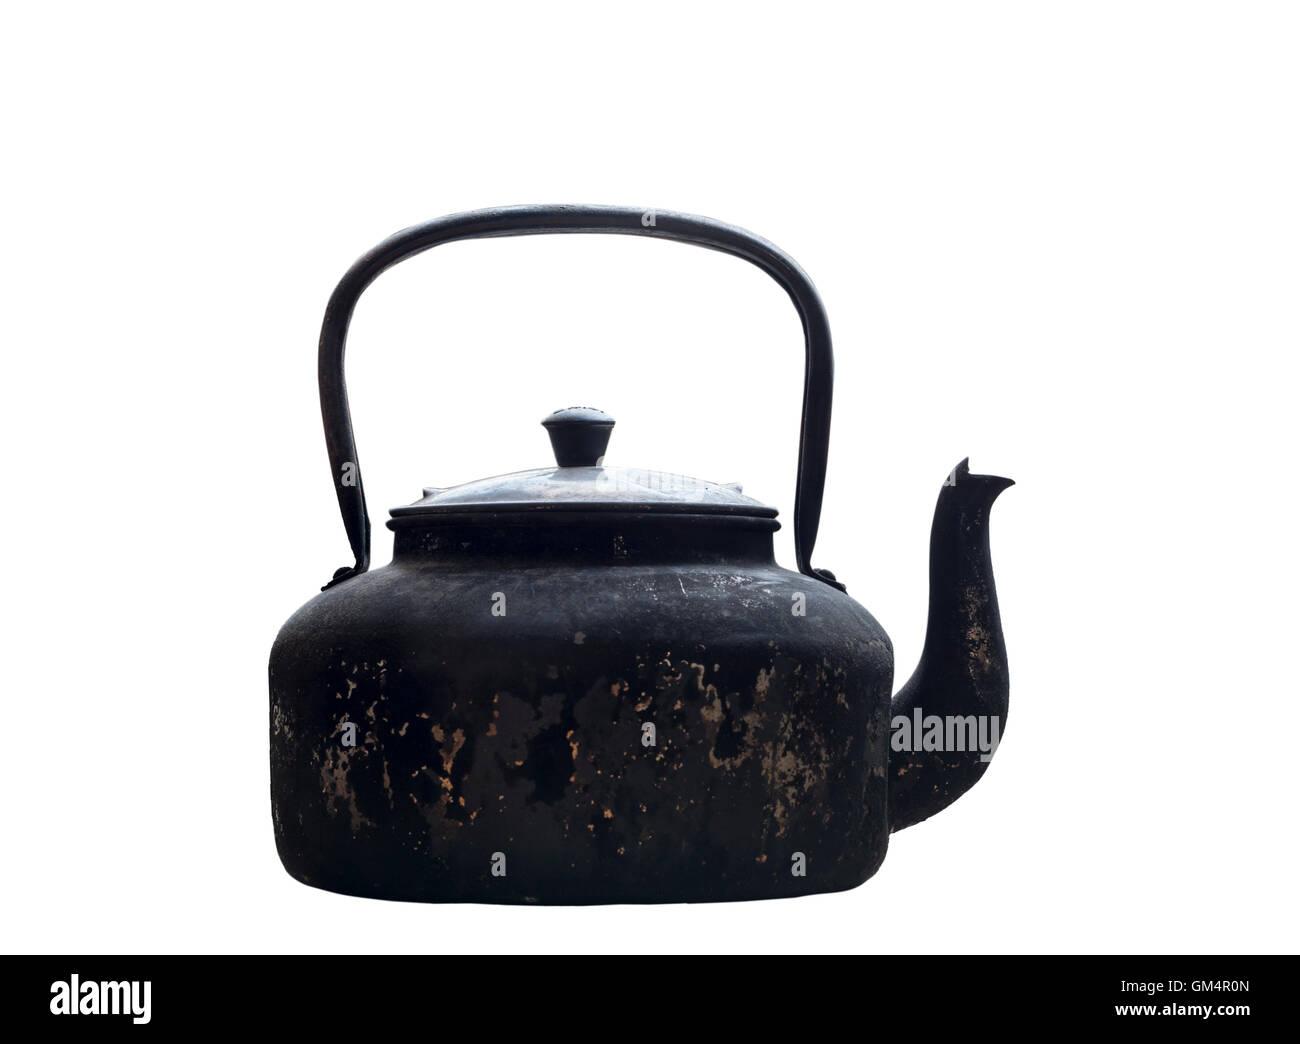 old aluminium kettle on white background - Stock Image